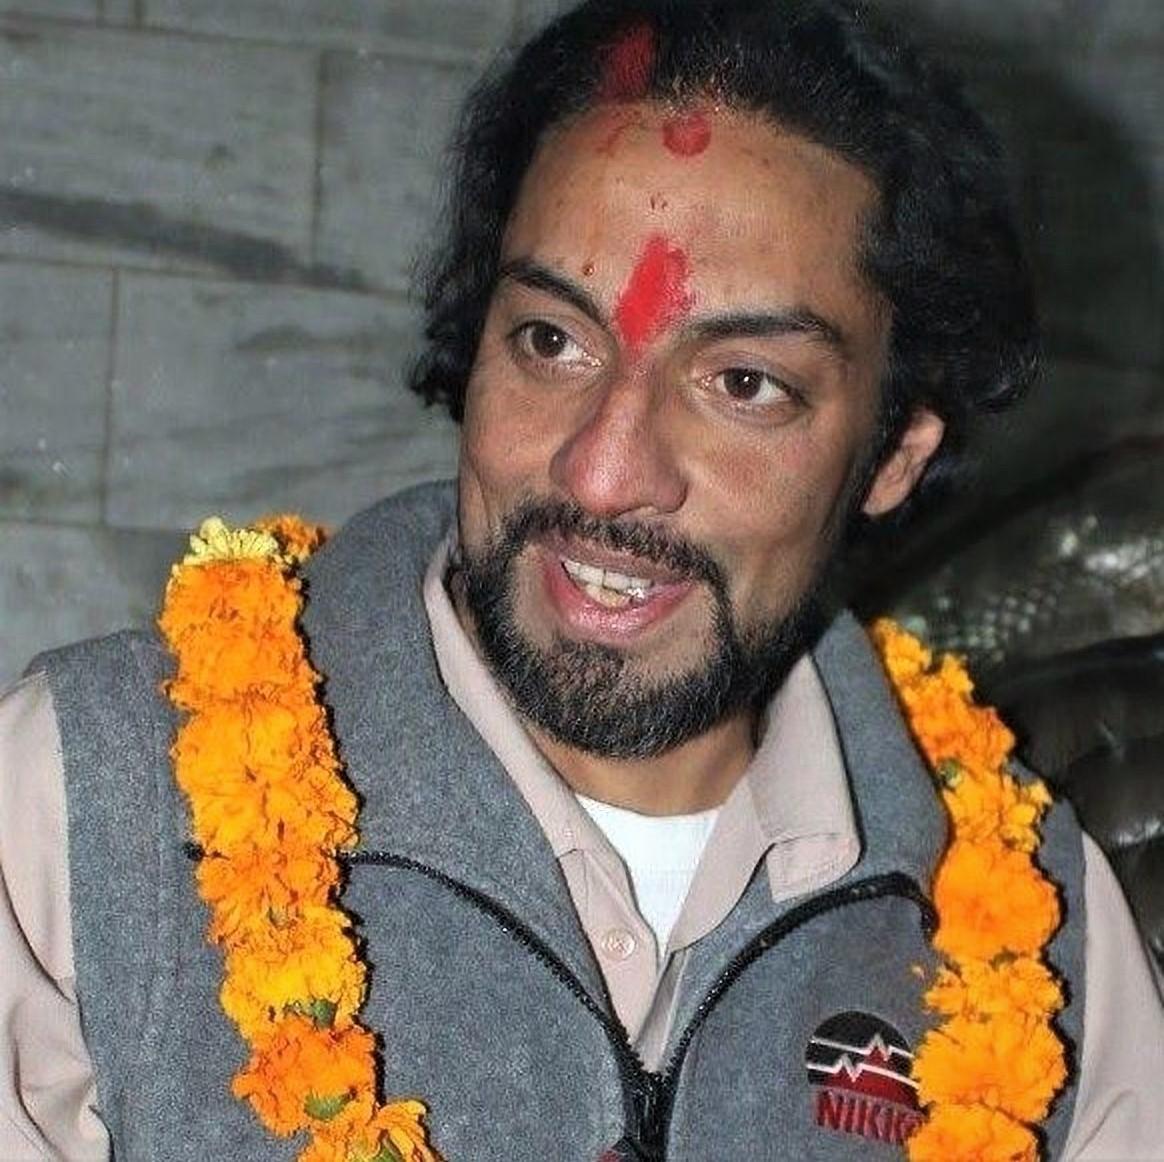 नारायणगढमा रहेका पूर्वयुवराज पारस शाहको छातीमा समस्या, चिकित्सकको टोली होटलमै पुगेर उपचार गर्दै